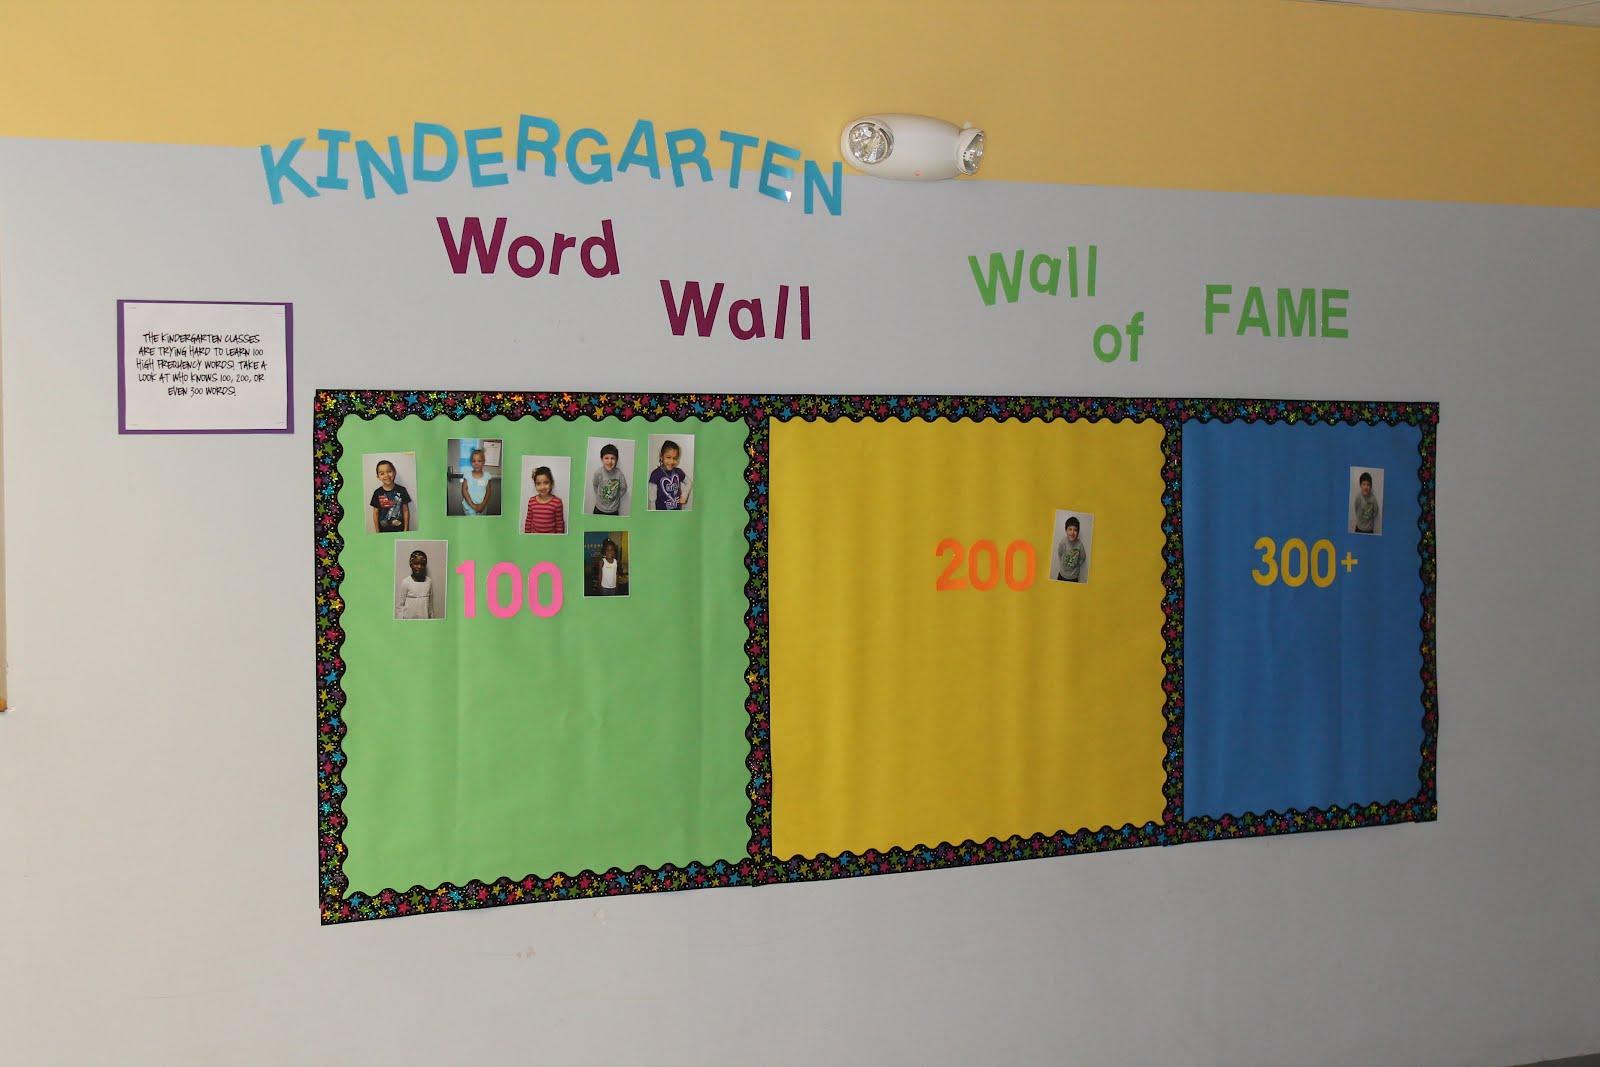 Krazy Kindergarten: Kindergarten Word Wall Wall of Fame!